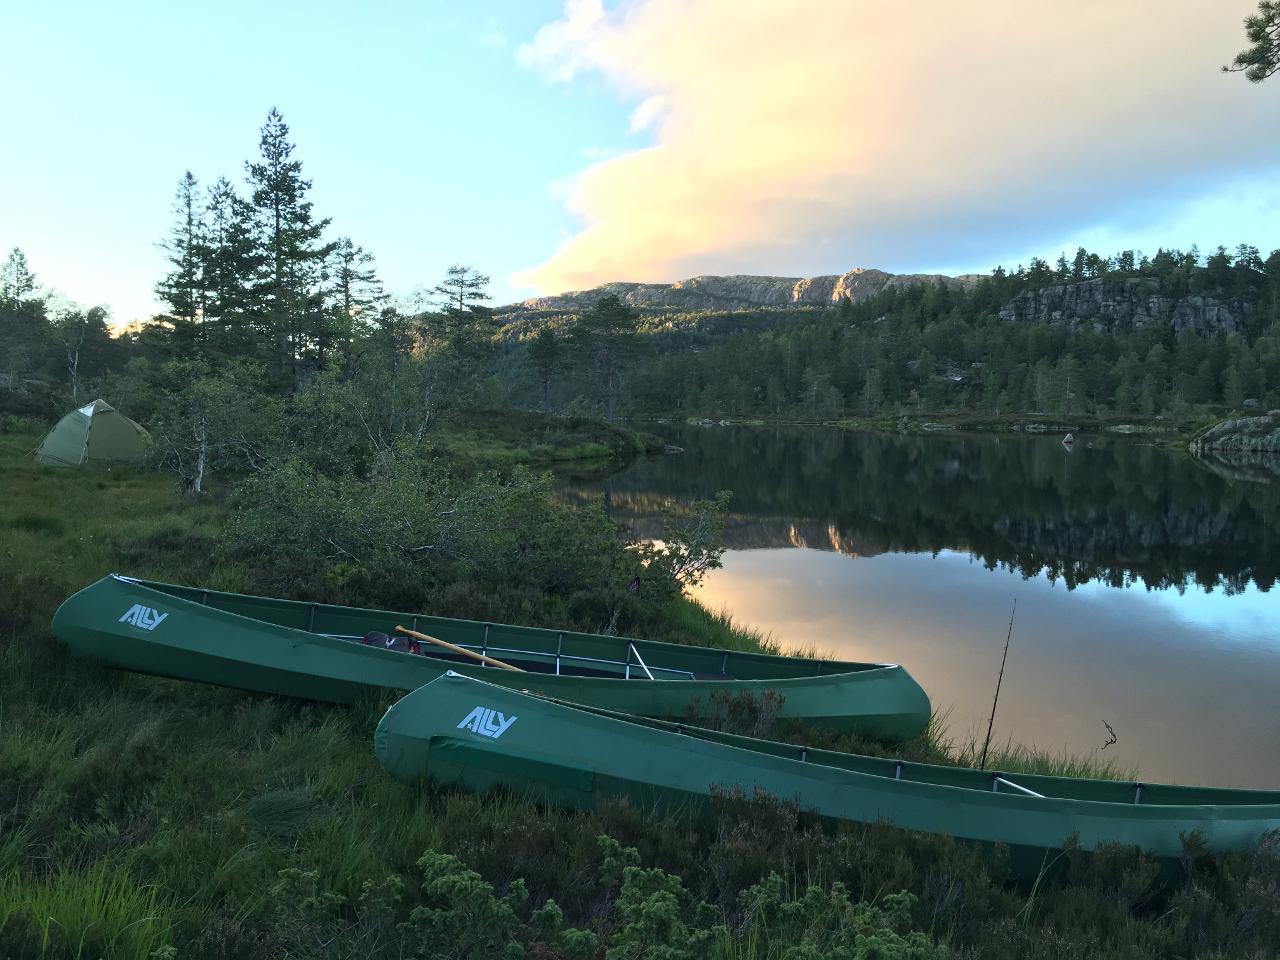 kart over åseral Velkommen til fint aurefiske i Åseral | Inatur.no kart over åseral